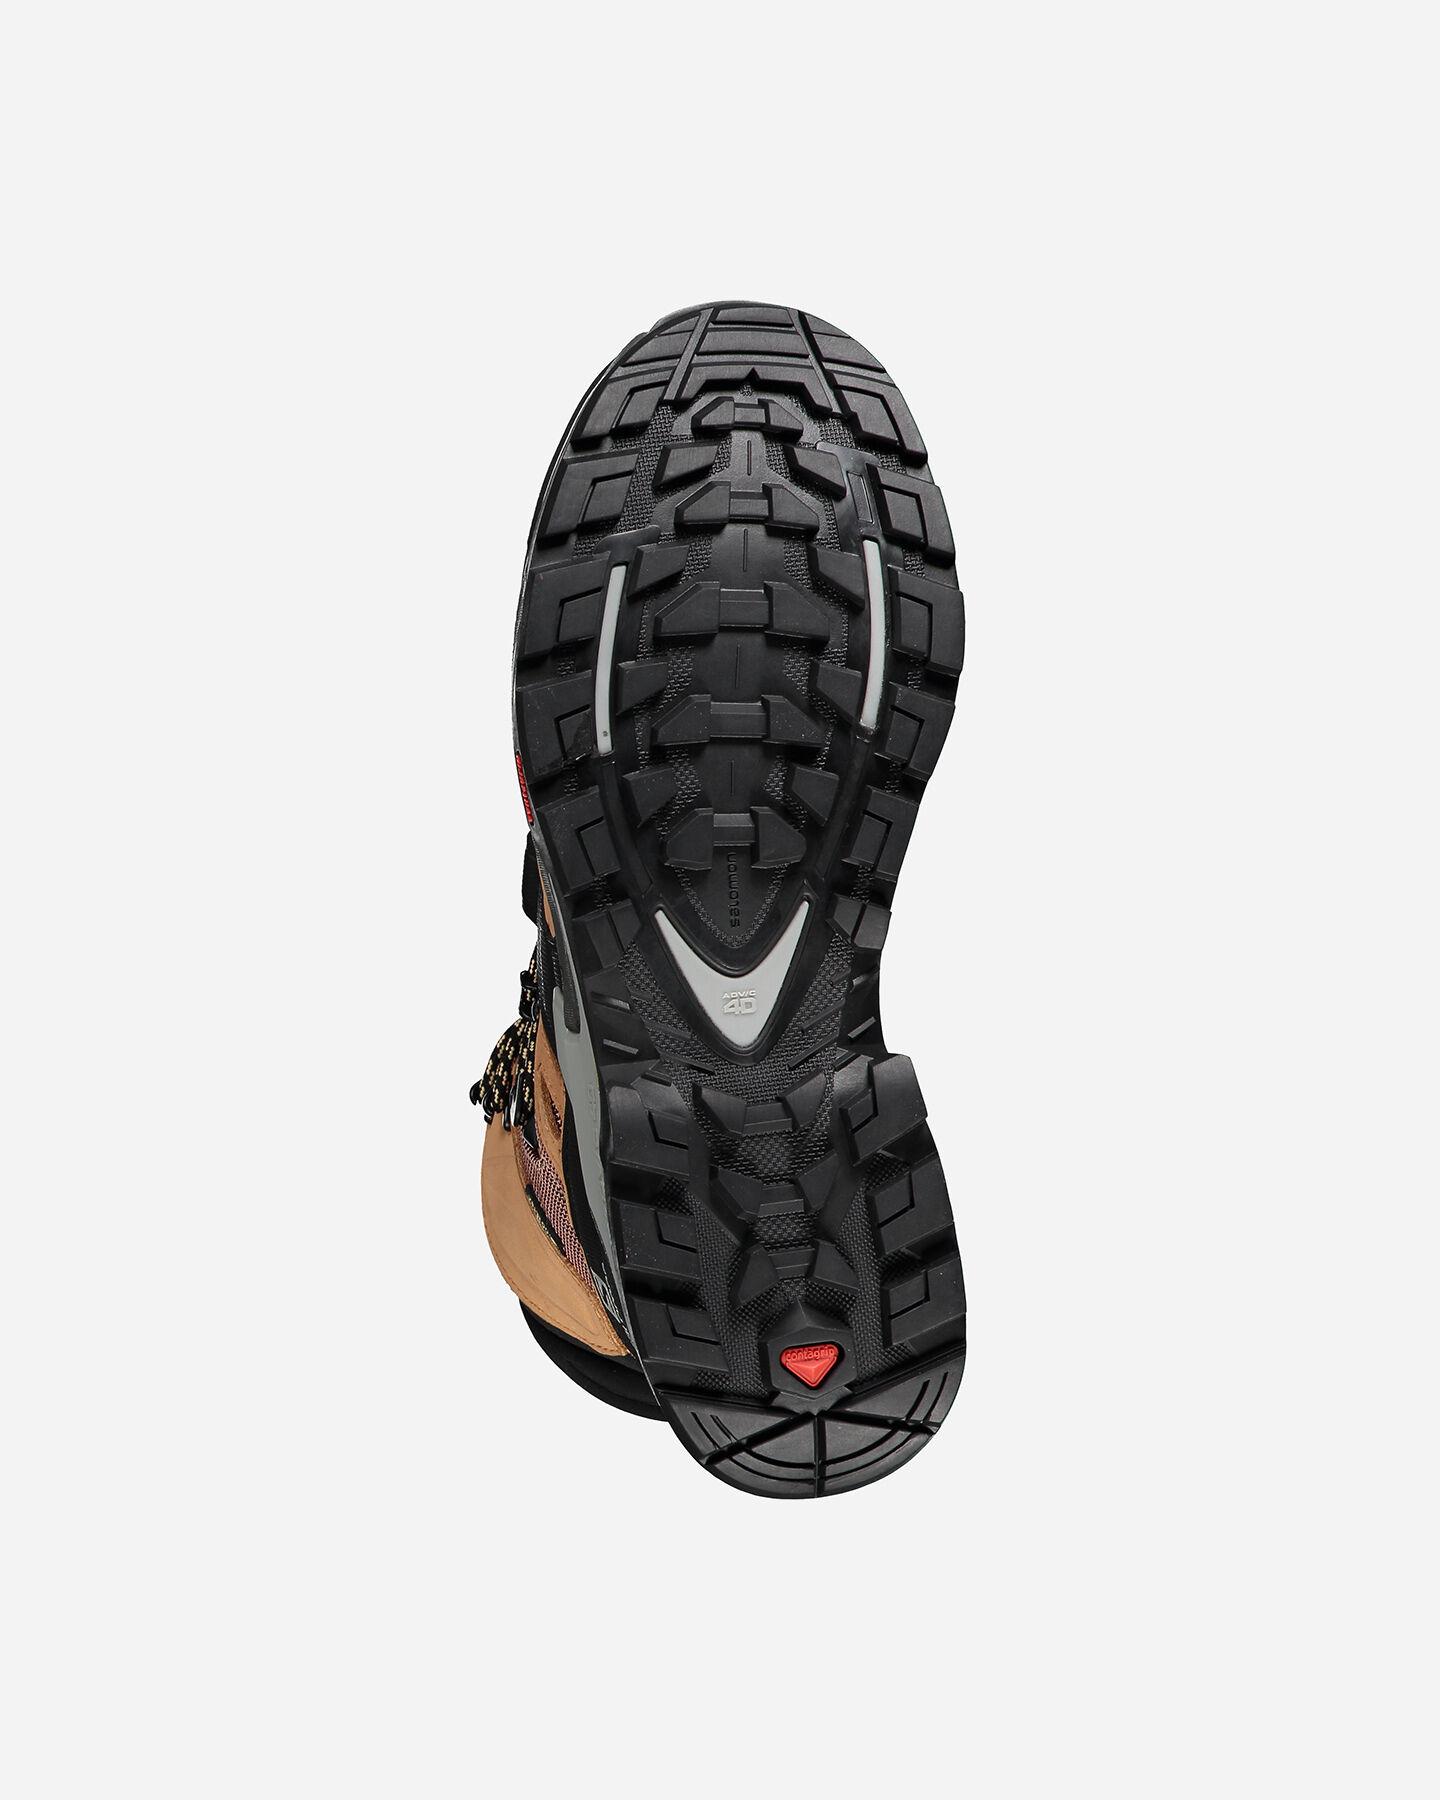 Scarpe alpinismo SALOMON QUEST 4 GTX W S5288900 scatto 2